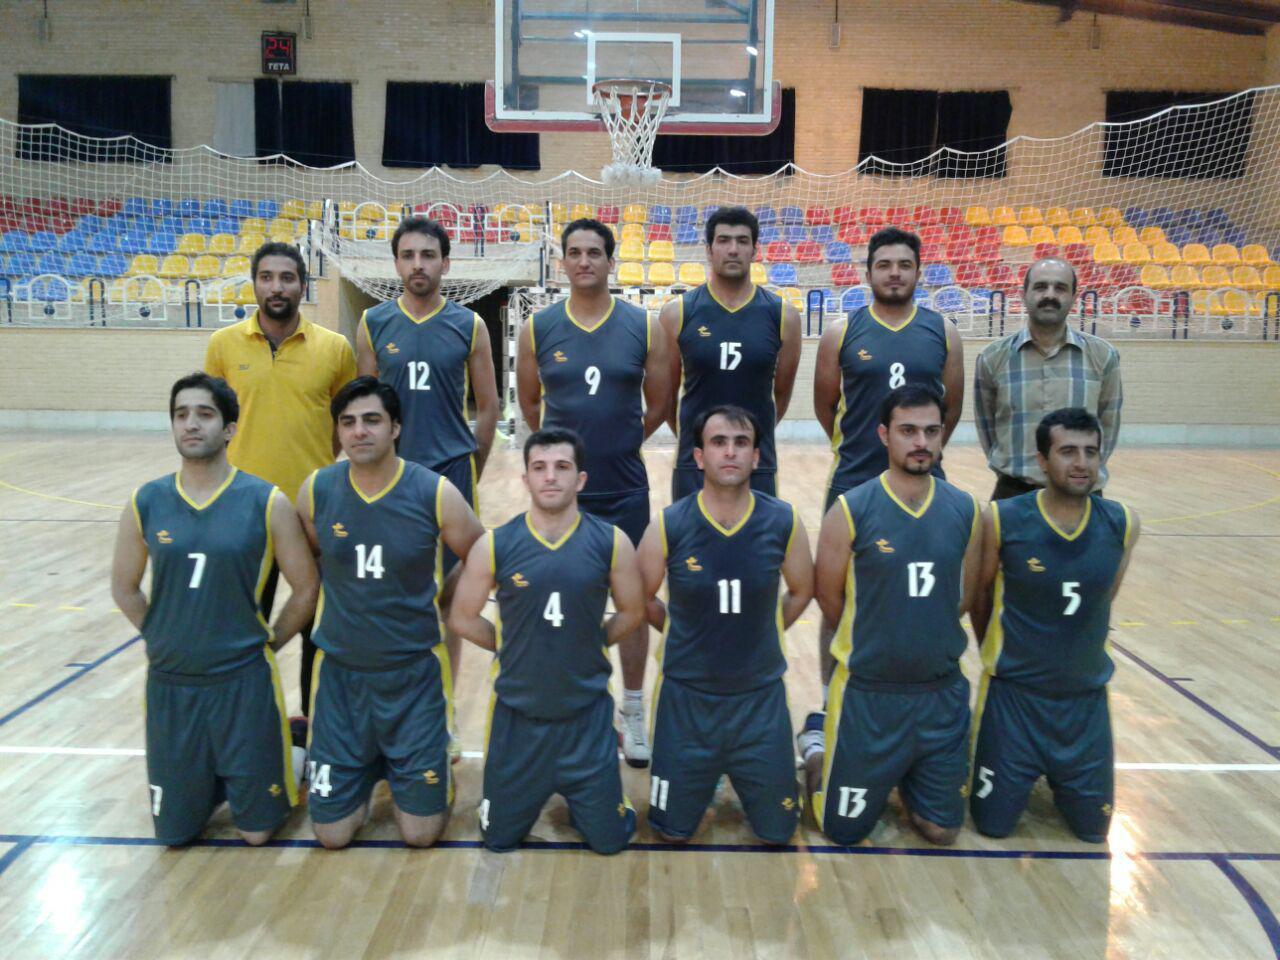 ادامه مسابقات بسکتبال قهرمانی کارگران کشور – یزد از صعود به فینال بازماند.